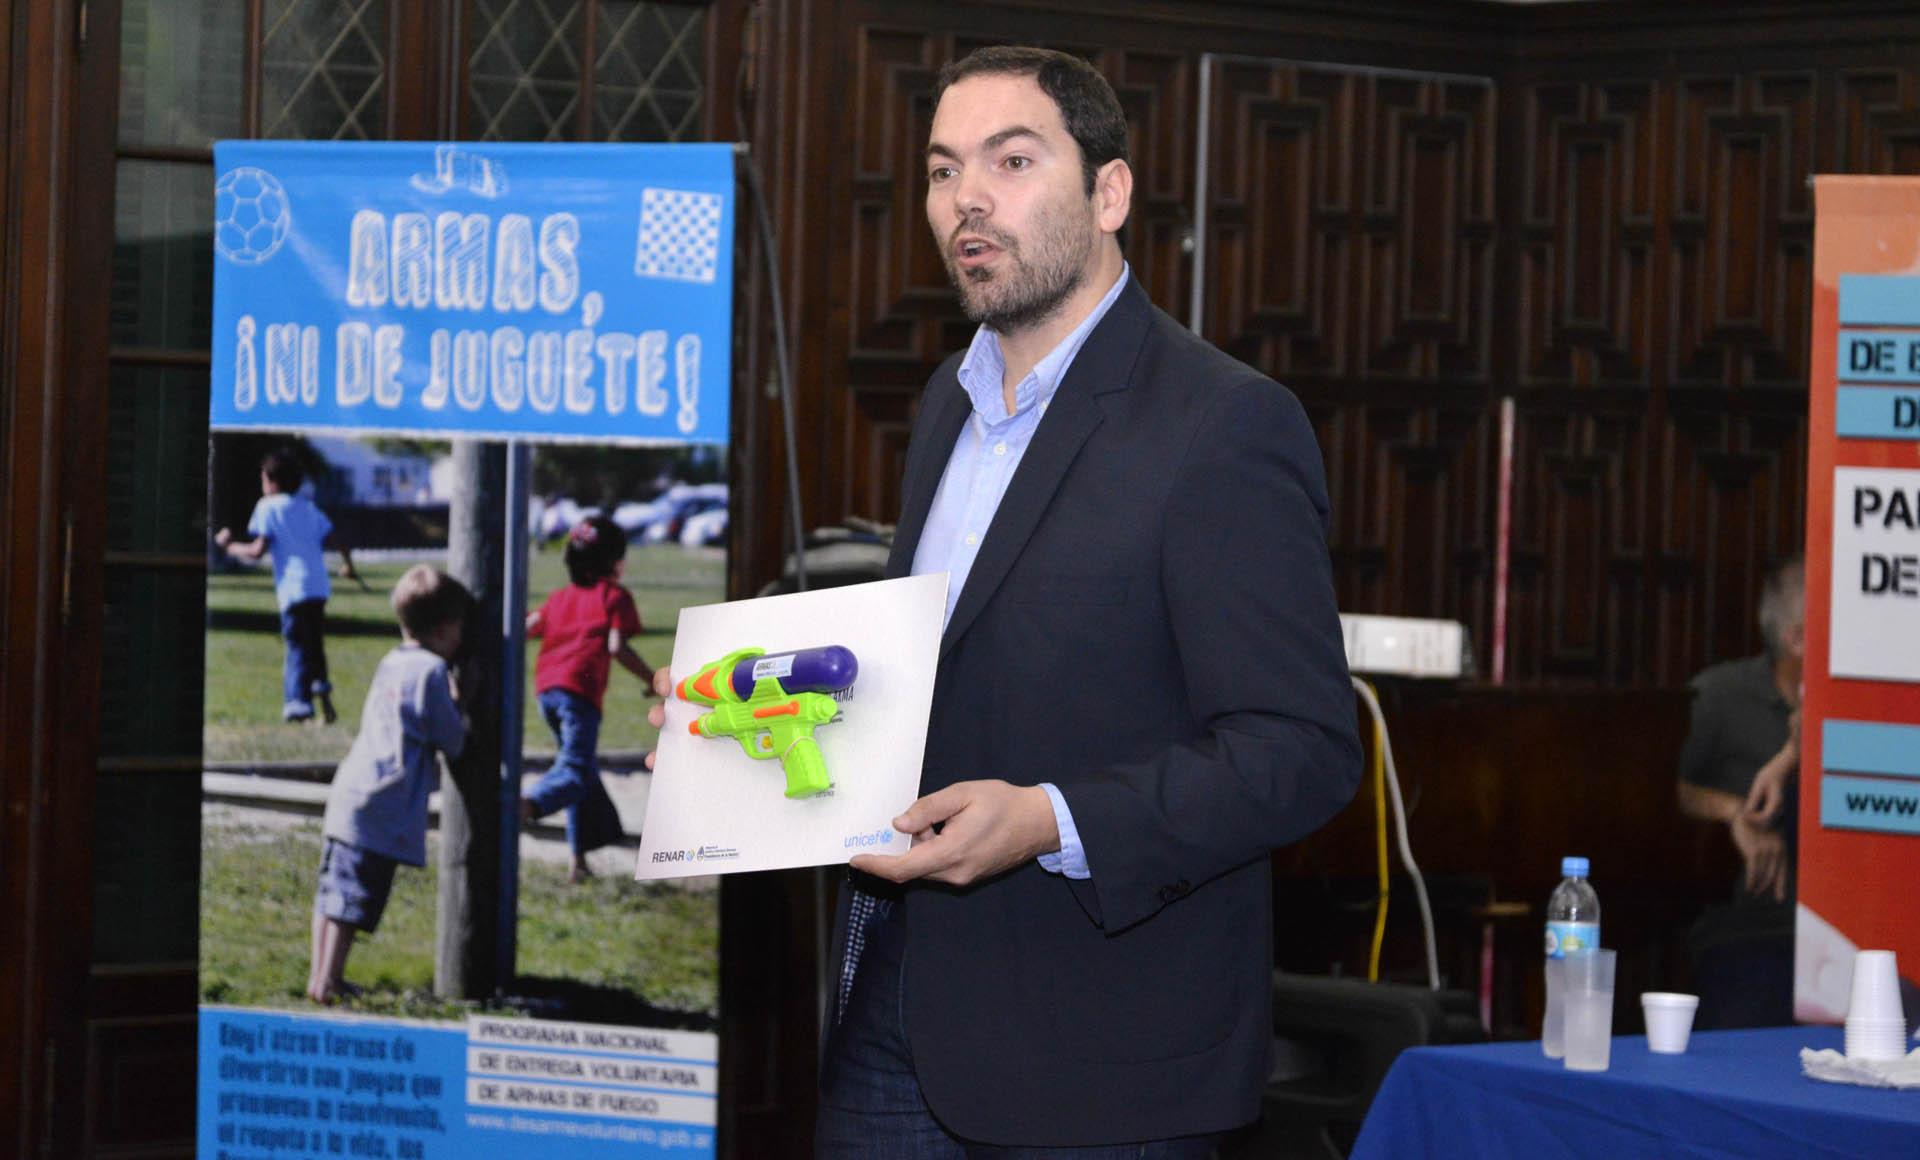 El Renar presentó una guía sobre la problemática de las armas para que pueda ser usada por los docentes en las aulas